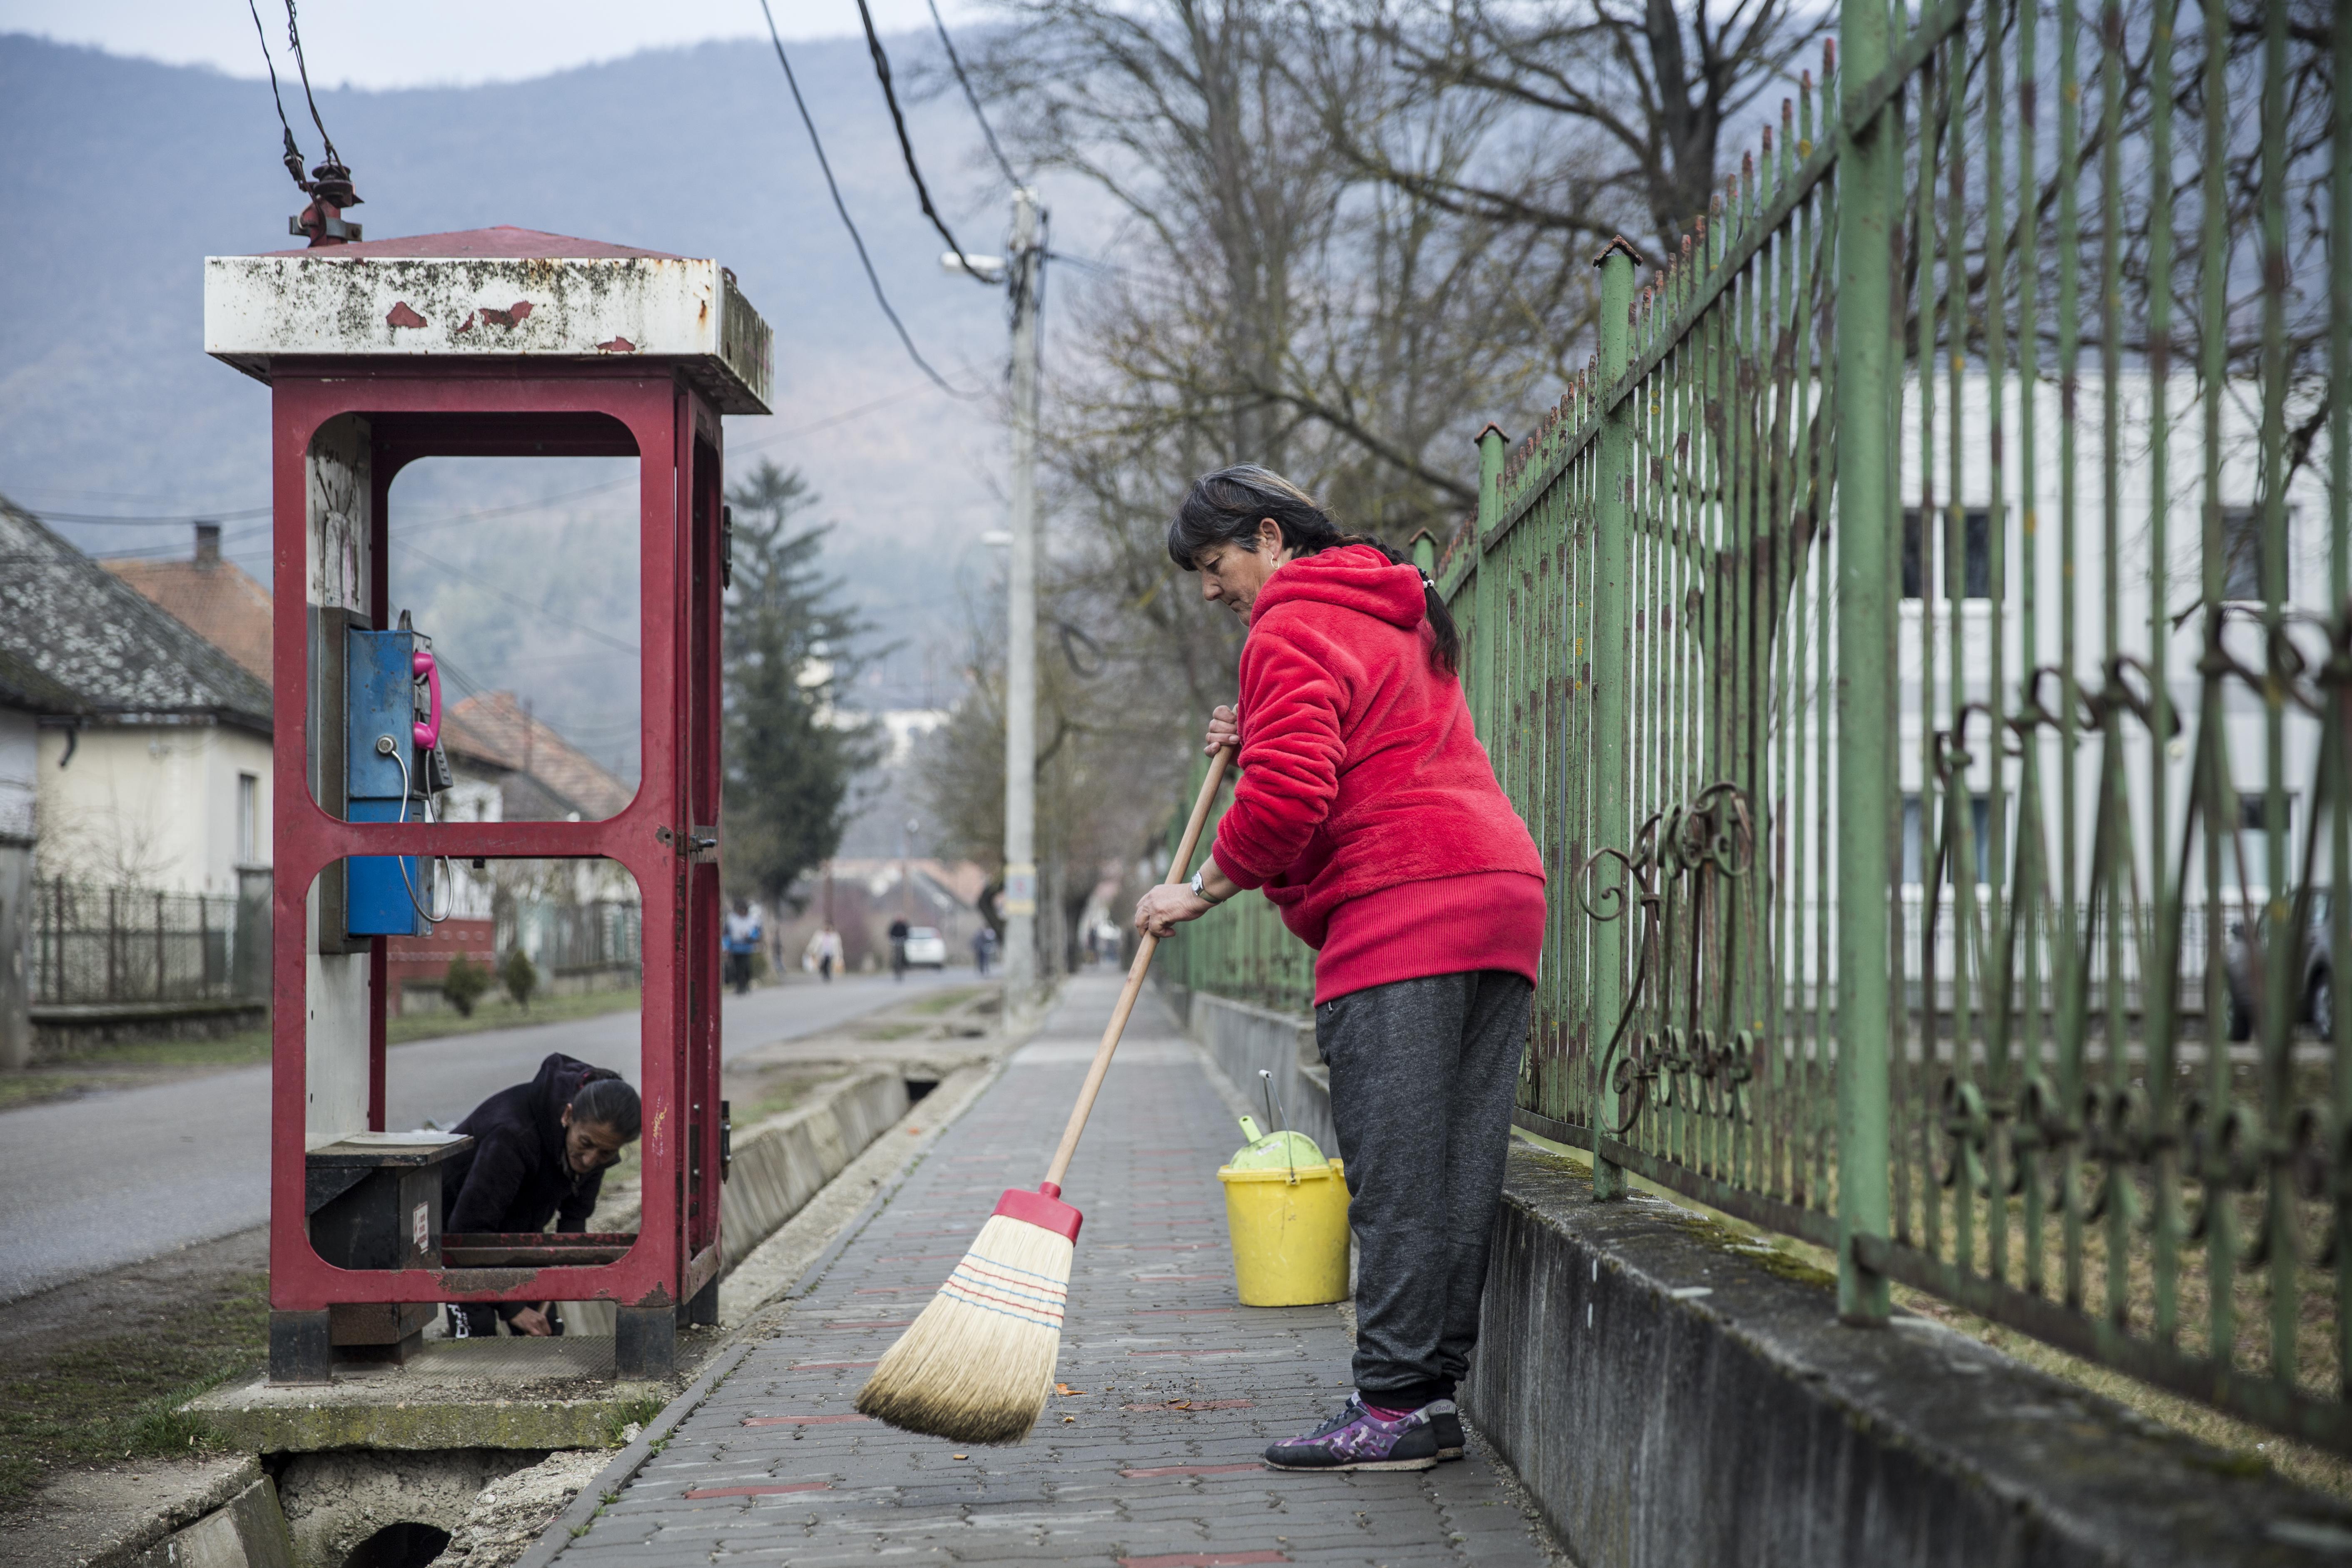 HVG: A kormány közel egy havi plusz bért adna a közmunkásoknak, vélhetően az önkormányzati választás előtt